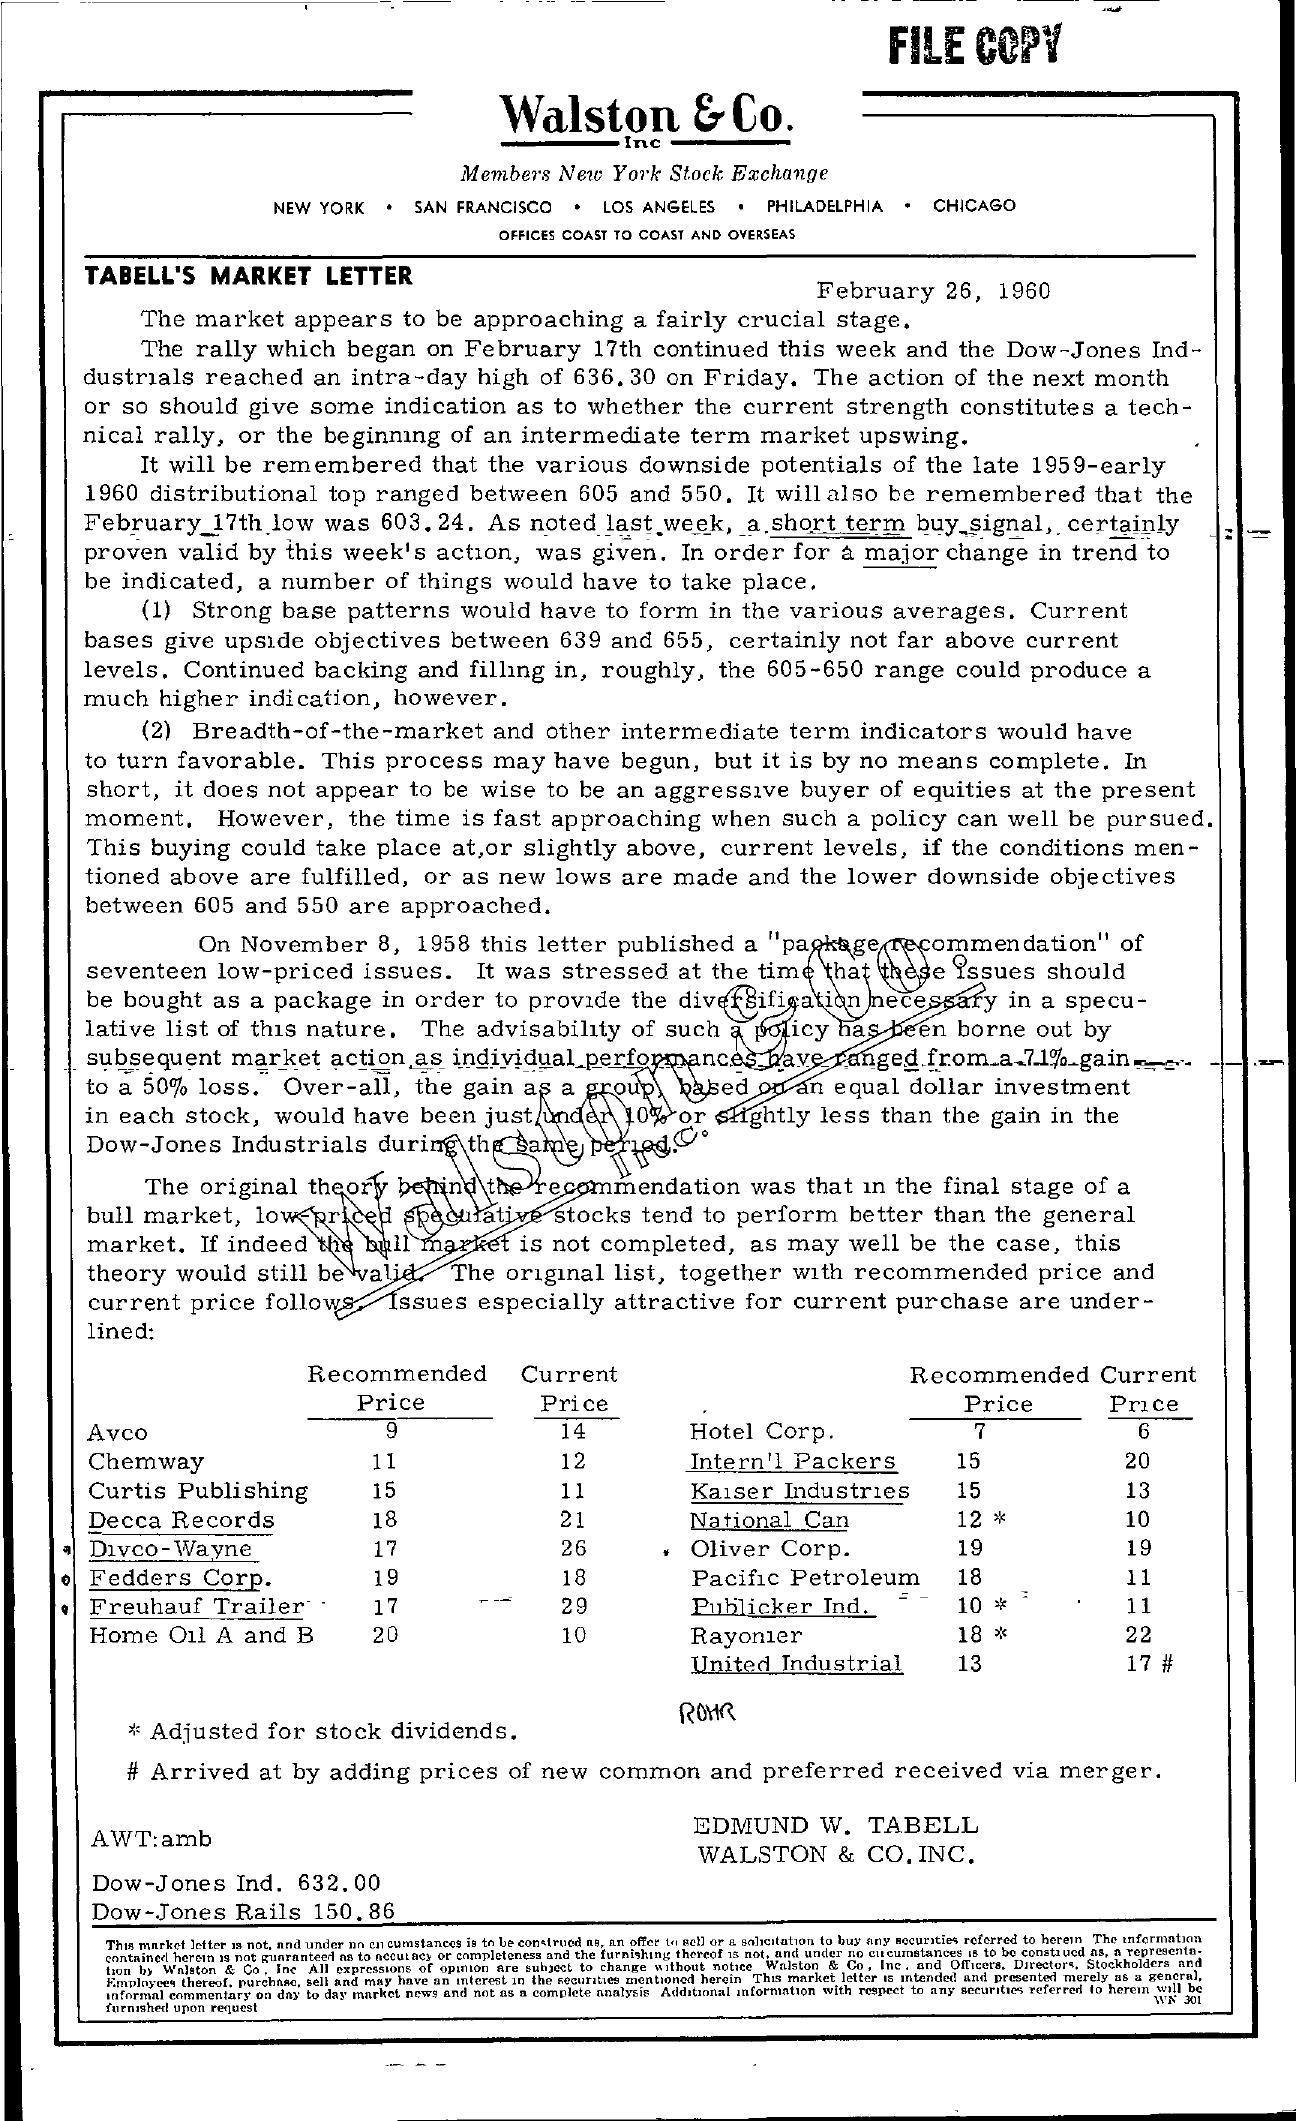 Tabell's Market Letter - February 26, 1960